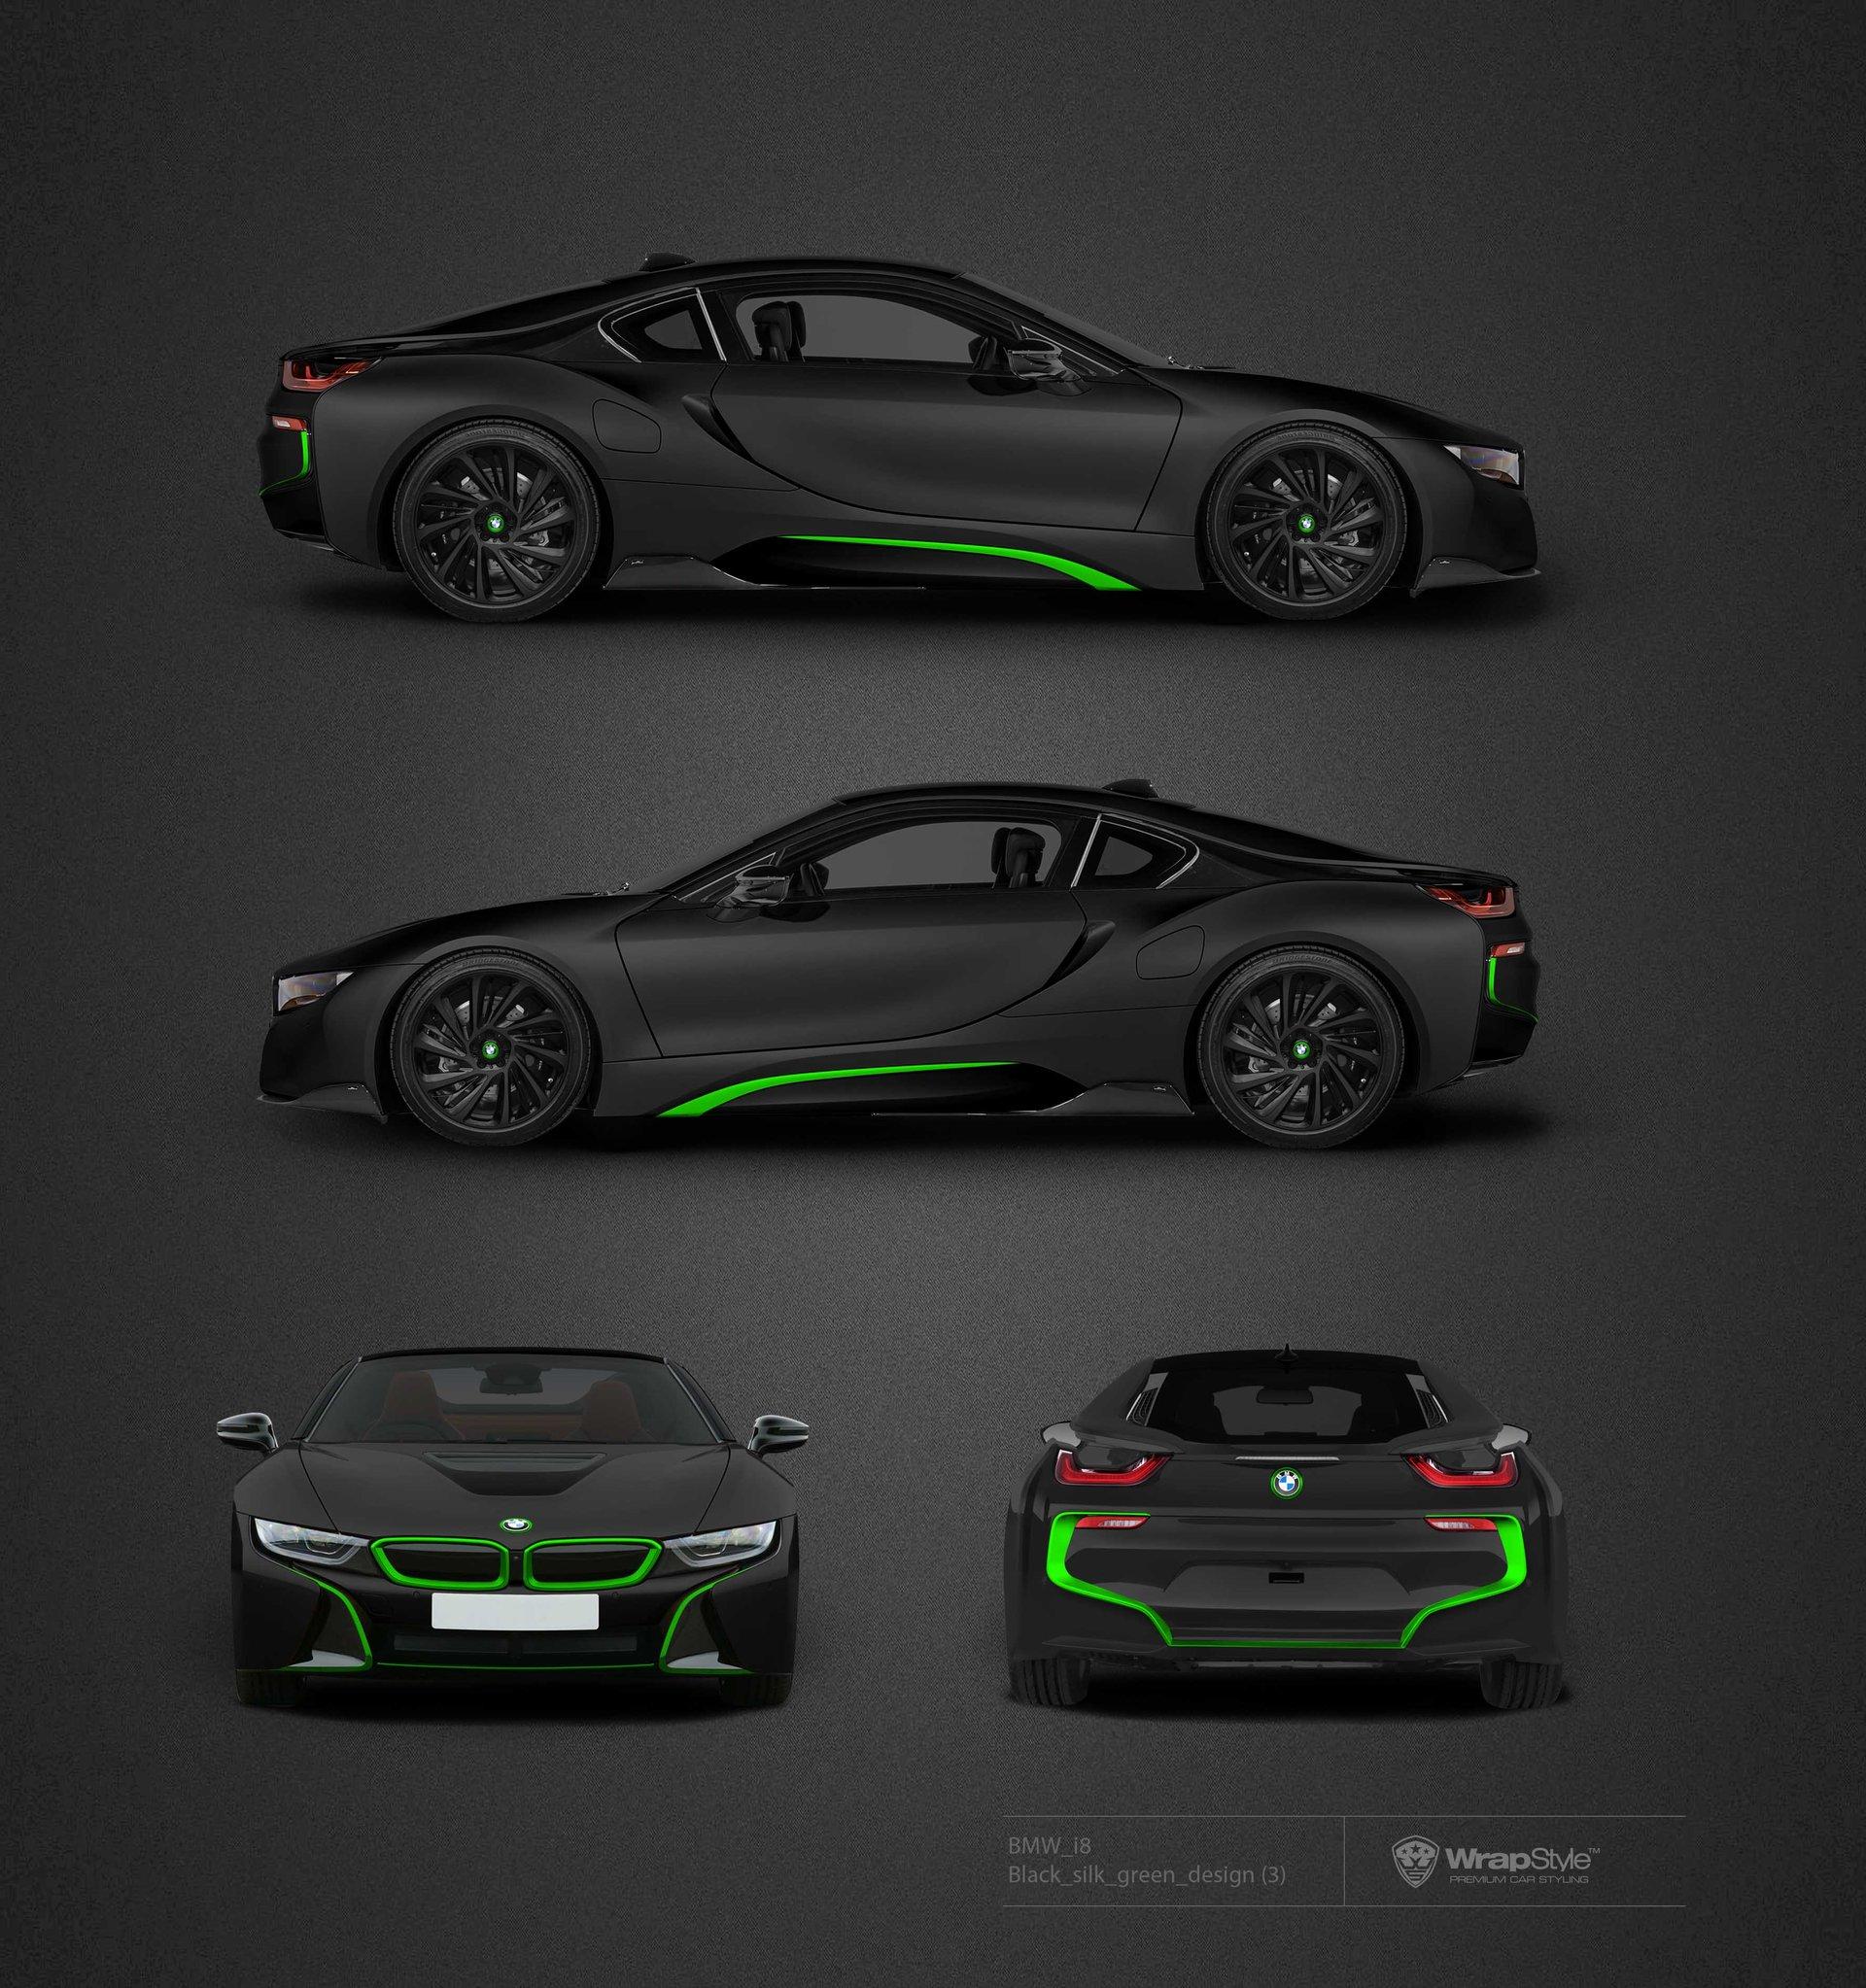 Bmw I8 Black Silk Design Wrapstyle